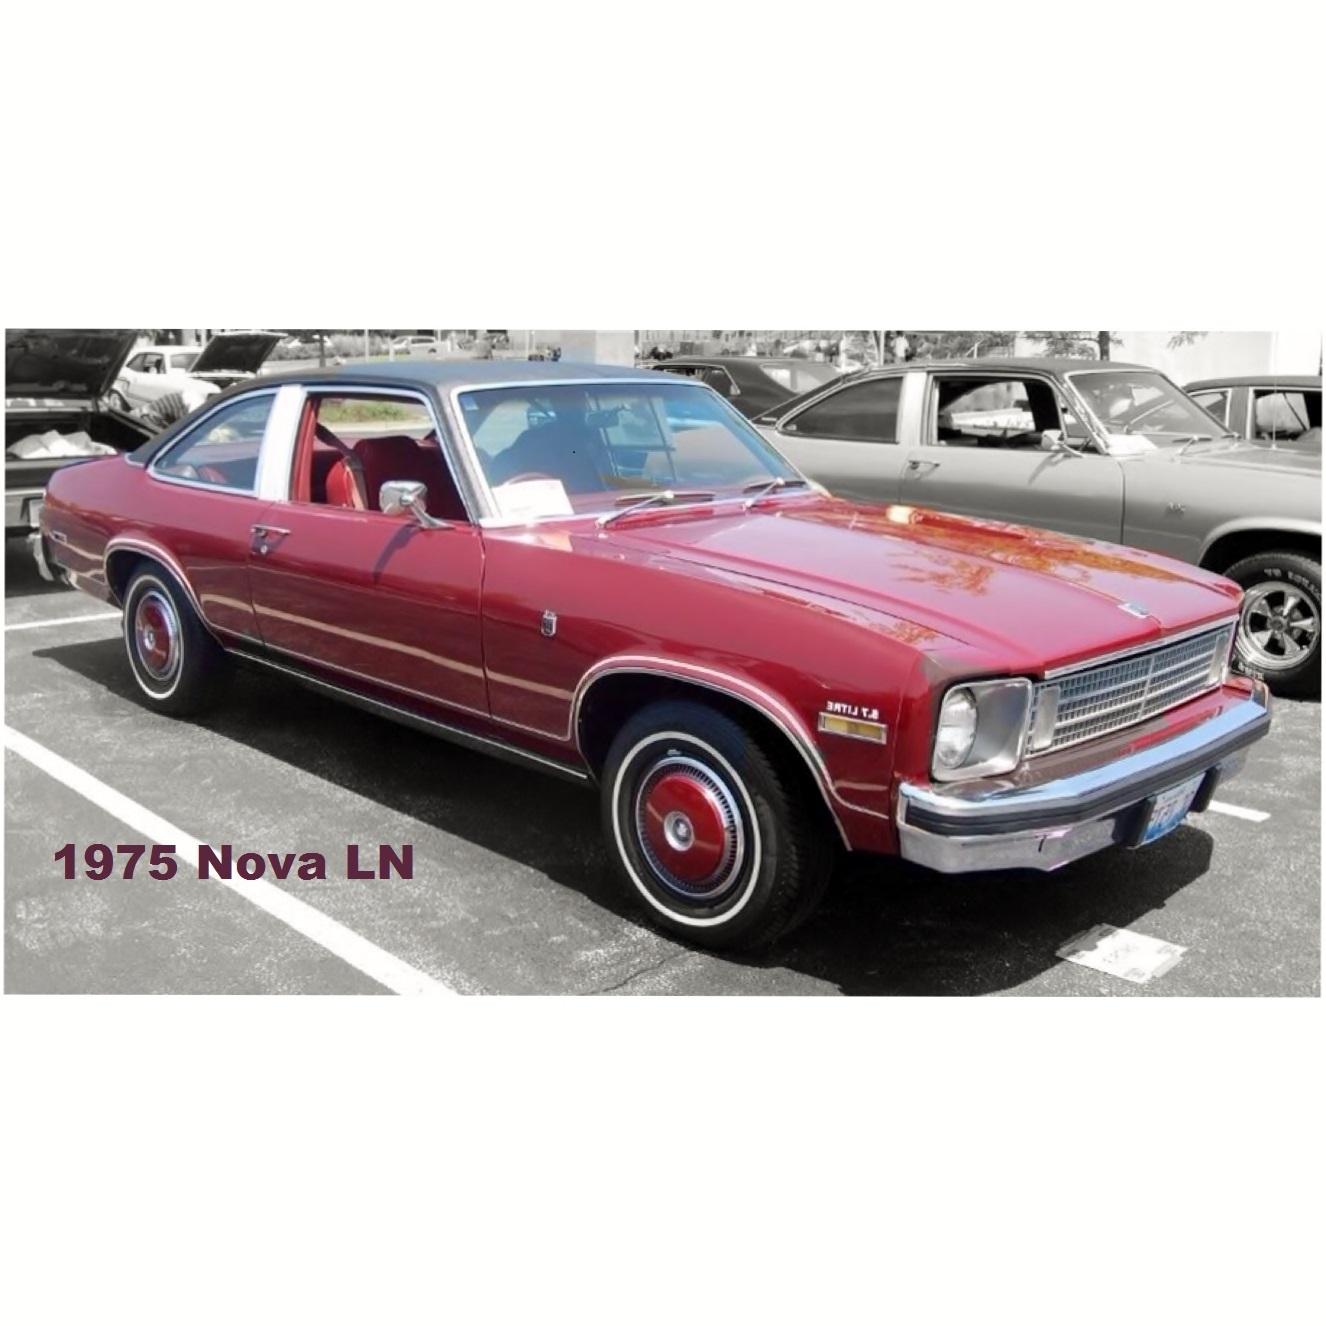 1975 Nova LN